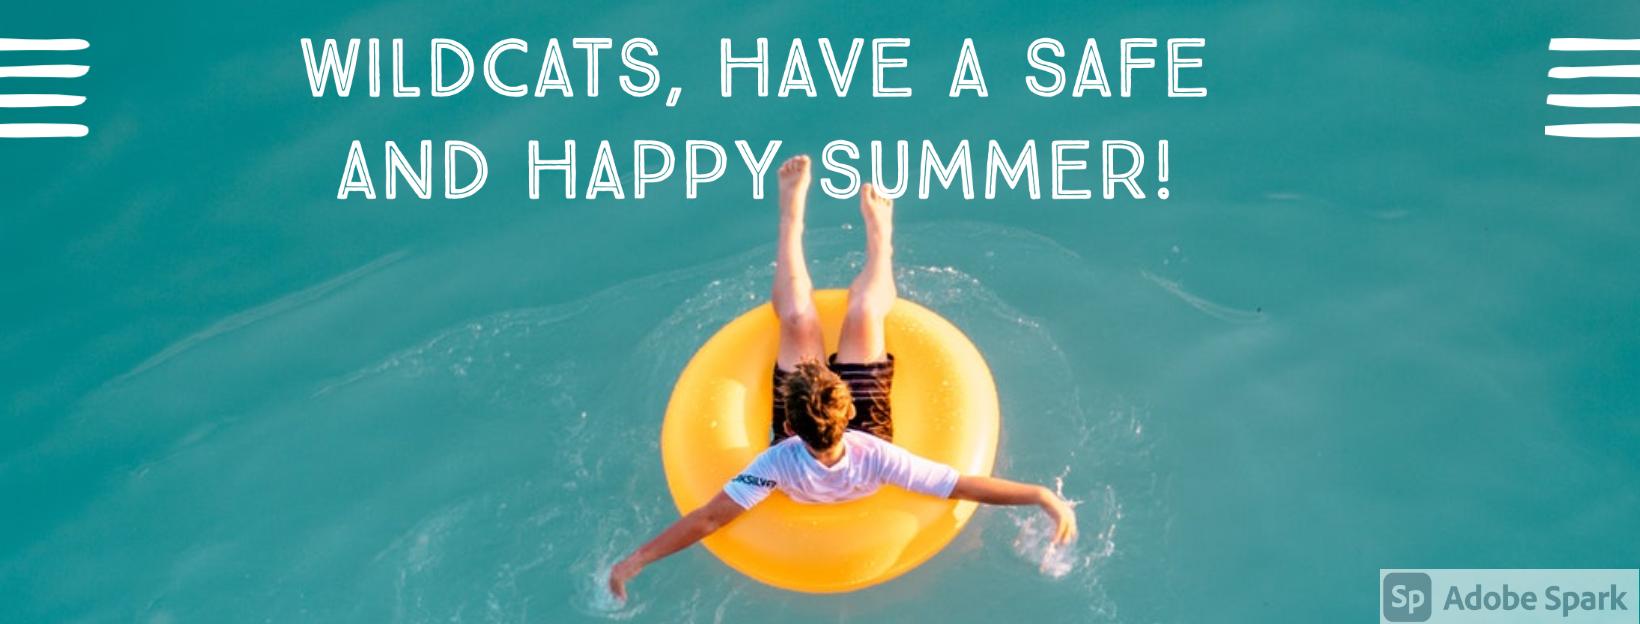 Wildcats Summer